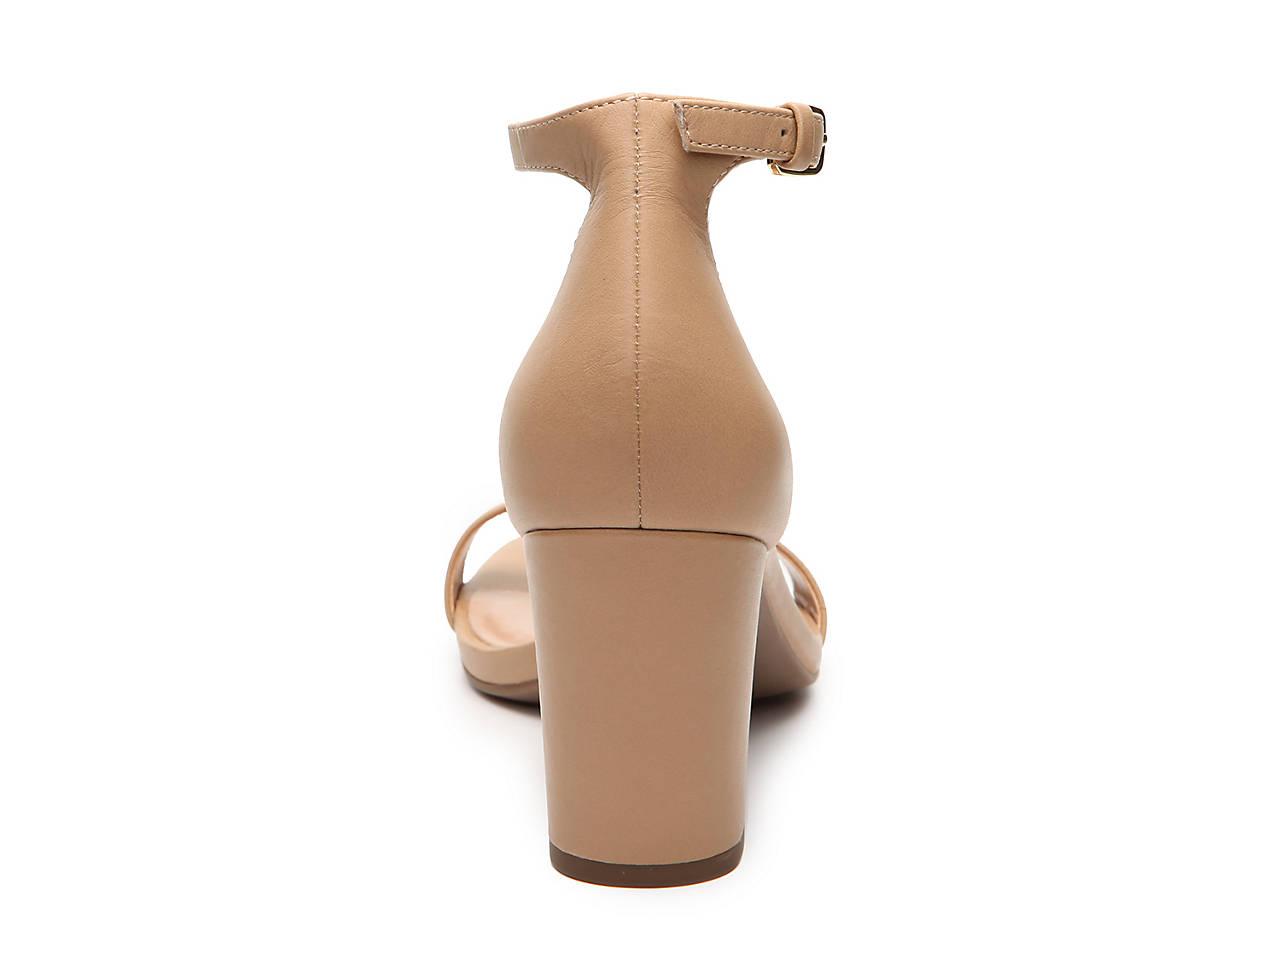 859c542db8e Audrey Brooke Nadine Sandal Women s Shoes